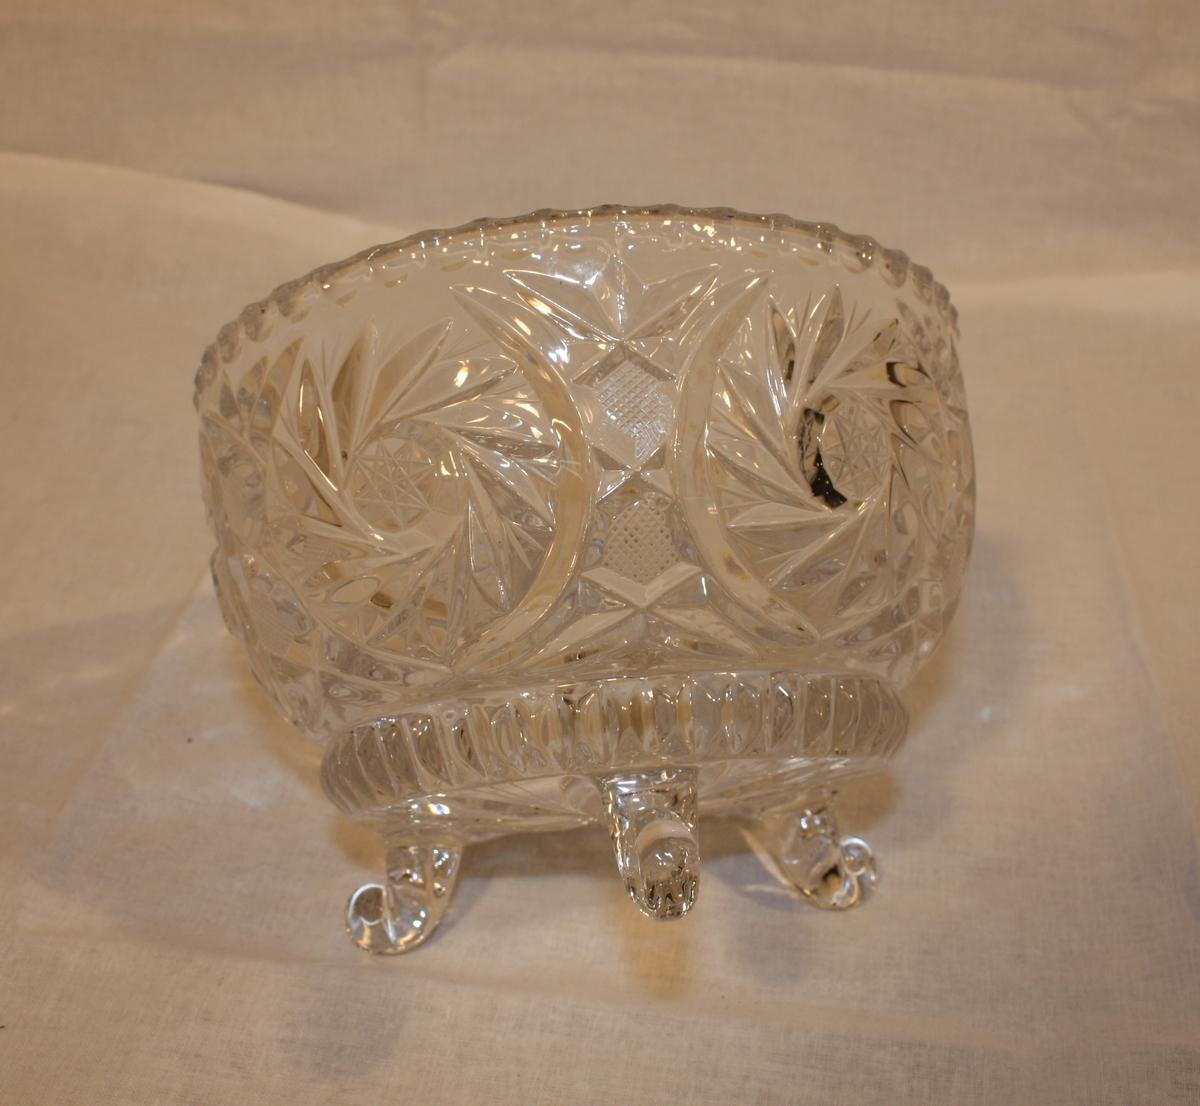 Form: Rund skål med mønster på utsida, glatt innside. Står på tre bein.